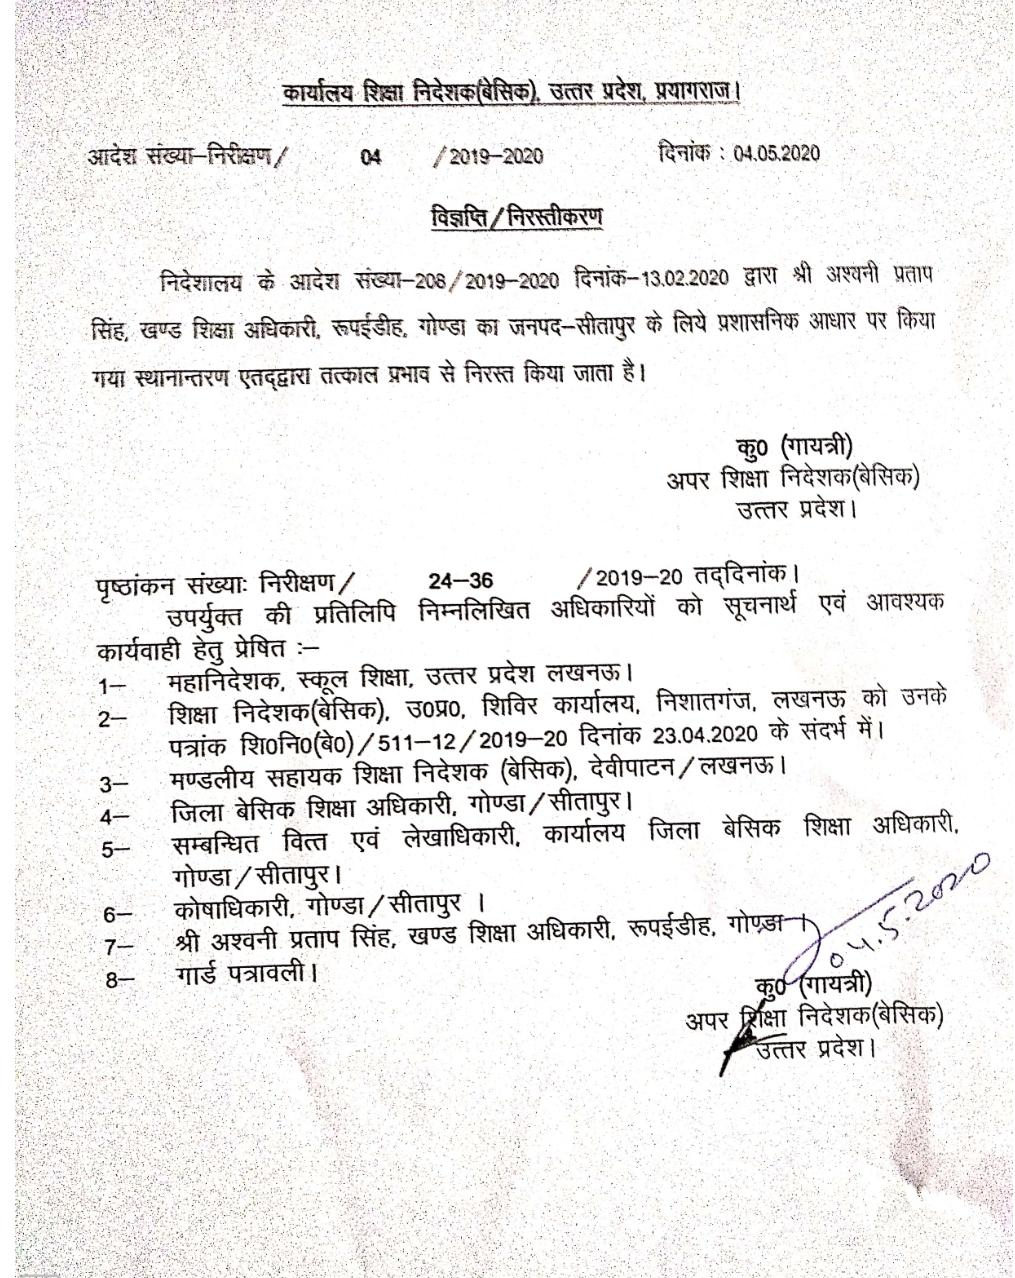 सीतापुर के लिए खंड शिक्षा अधिकारी का प्रशासनिक आधार पर किया गया तबादला हुआ निरस्त